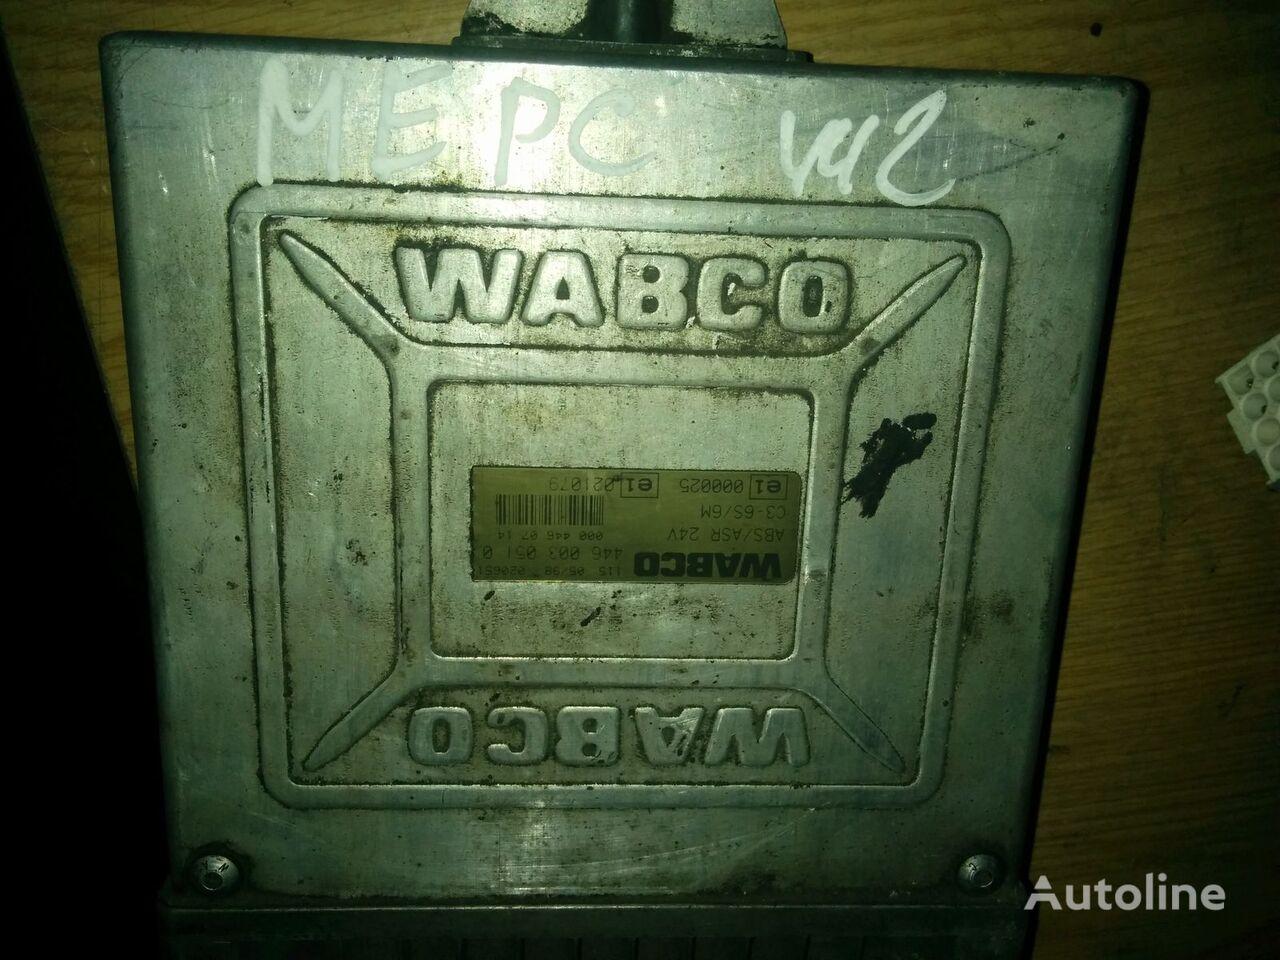 λεωφορείο MERCEDES-BENZ o404 για μονάδα ελέγχου MERCEDES-BENZ Wabco ABS\ASR 4460030510